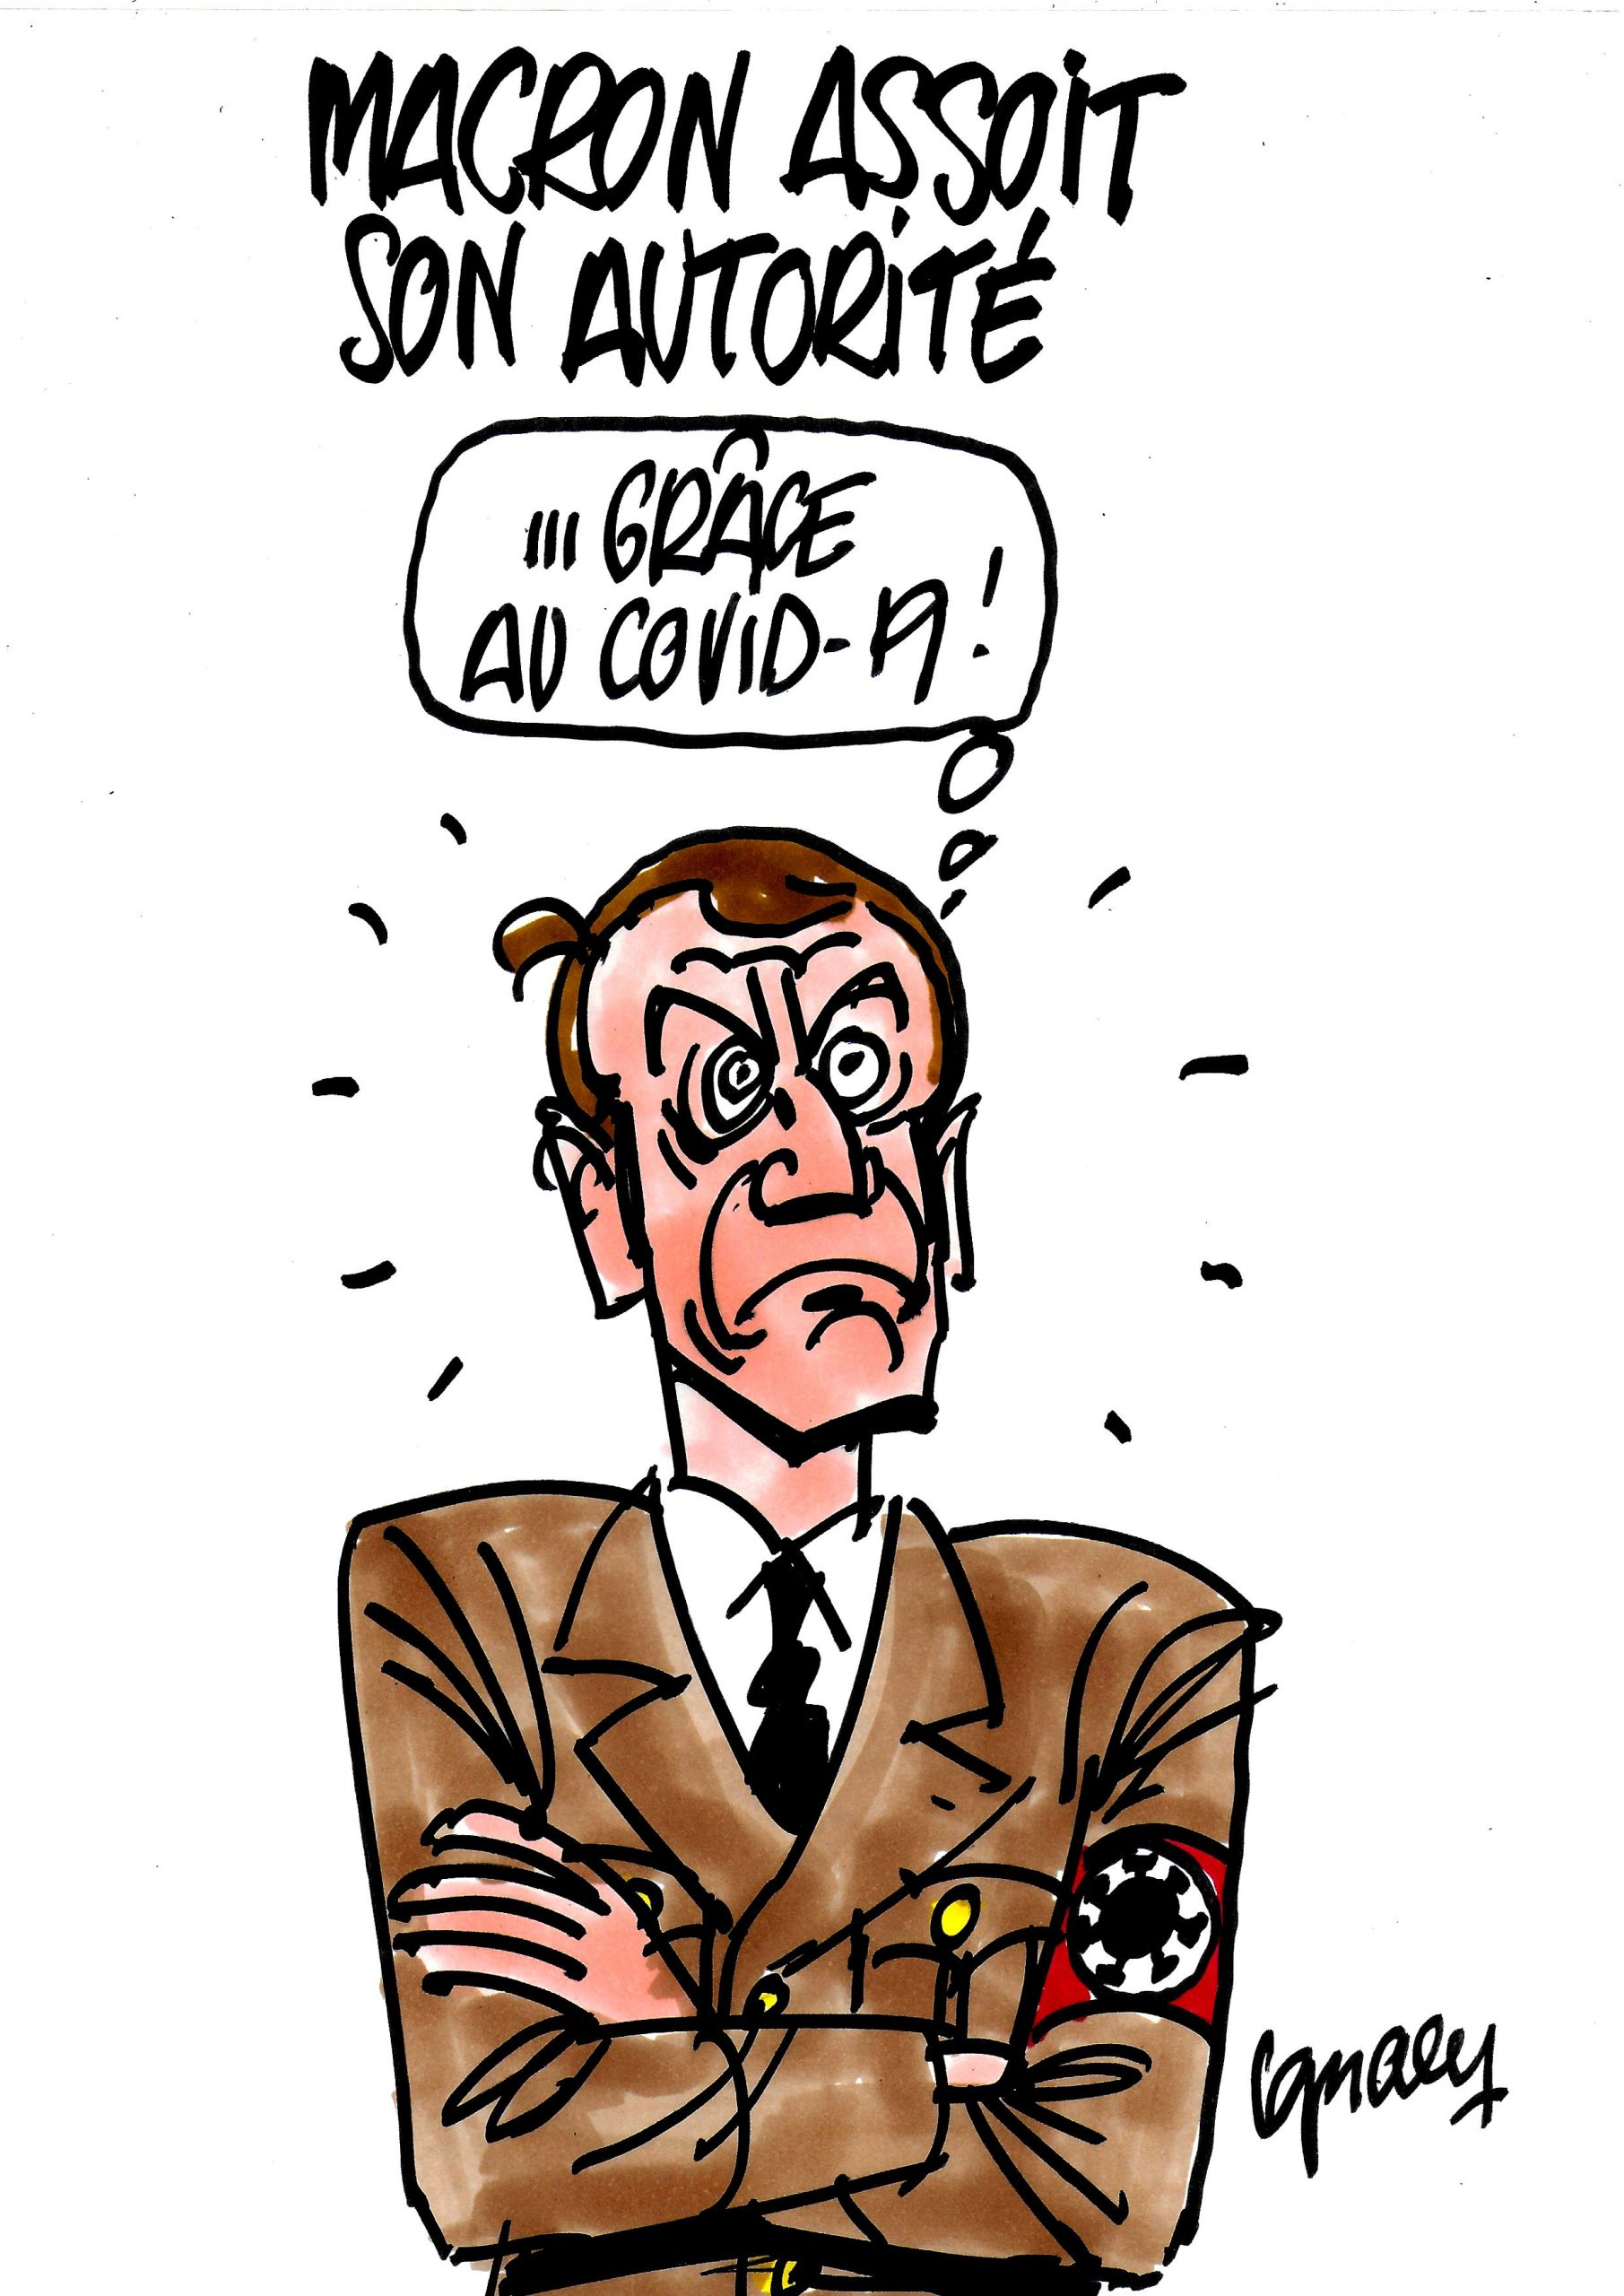 Ignace - Macron assoit son autorité